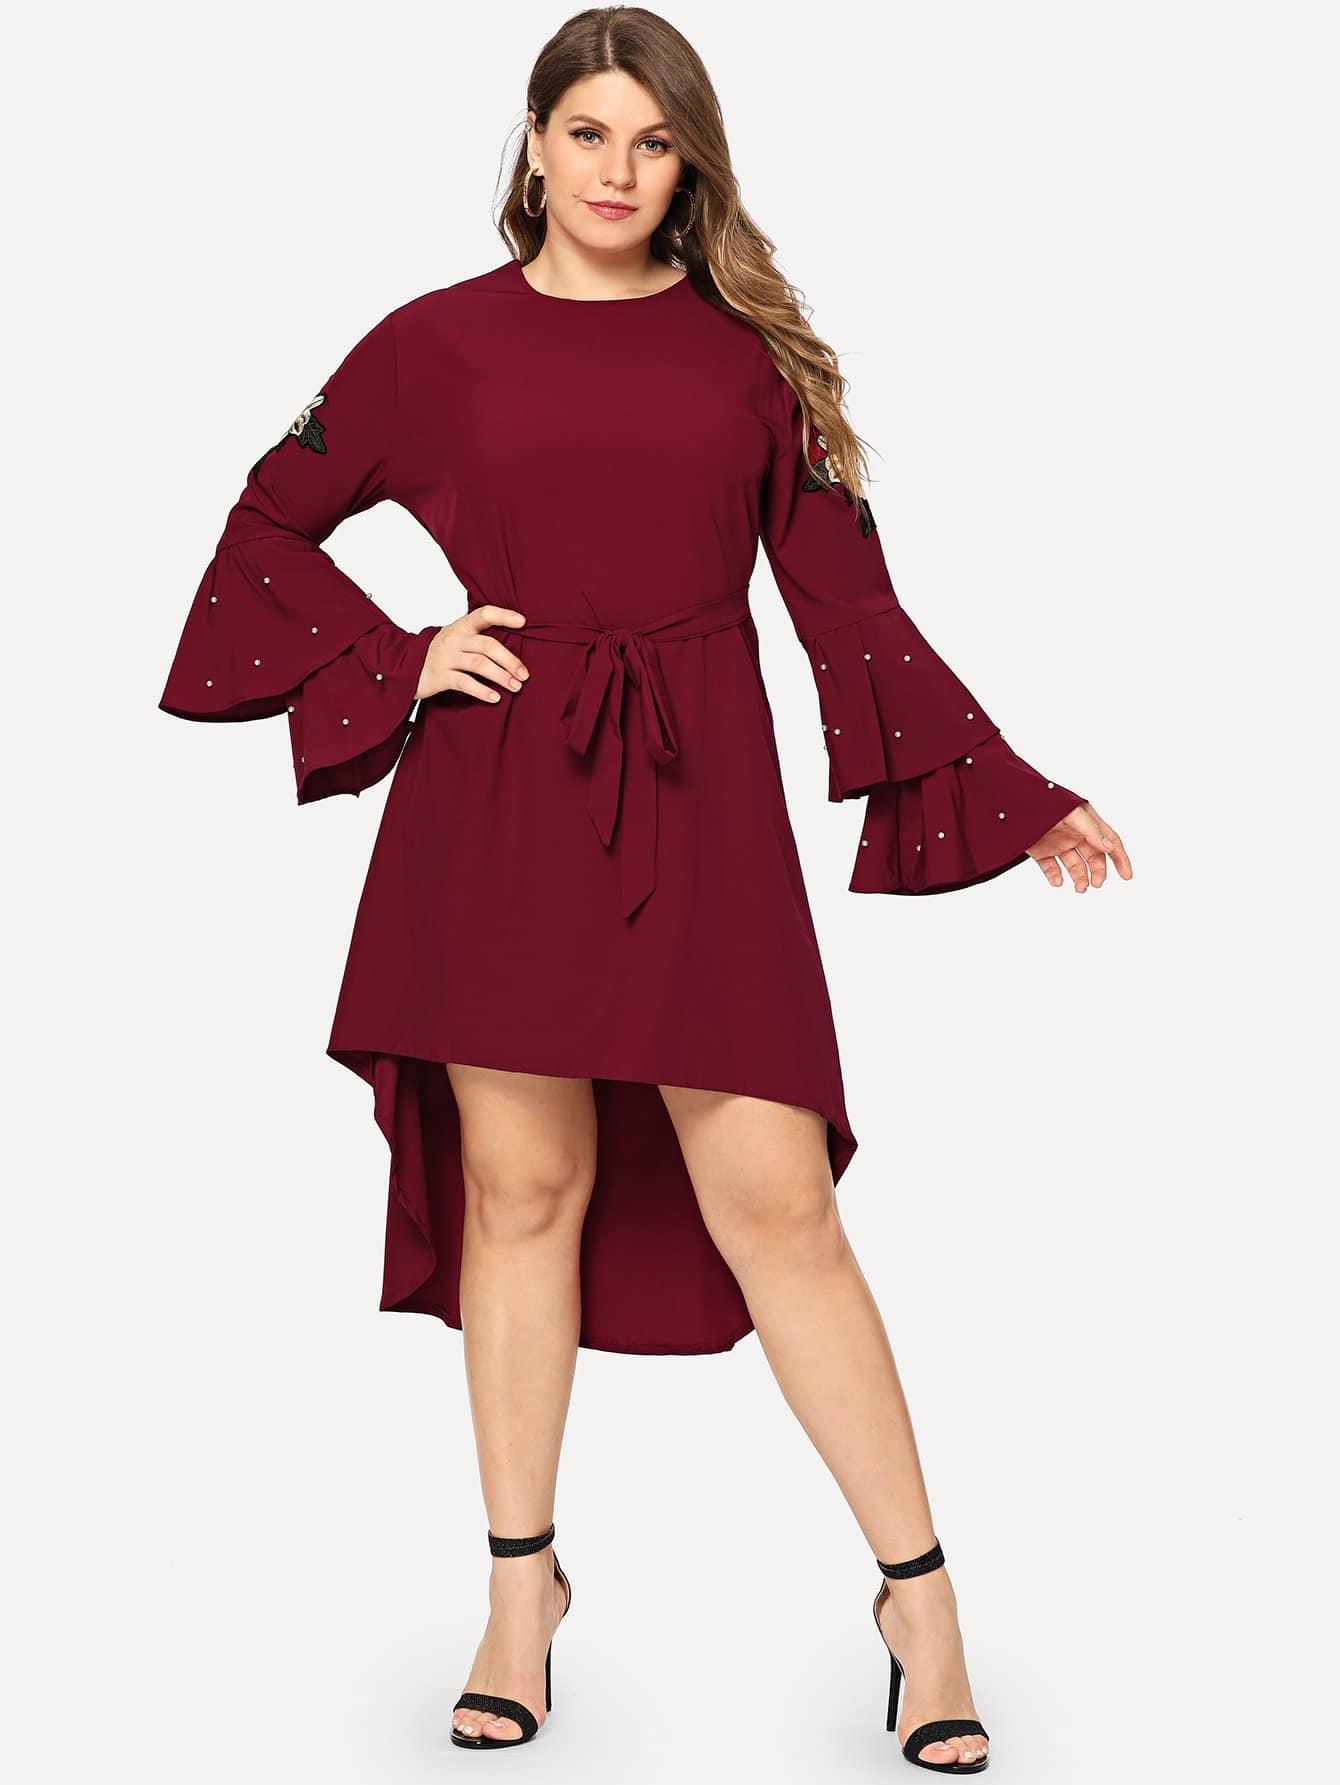 Übergroßes Kleid mit Raffung auf den Ärmeln, Kunstperlen und Knoten